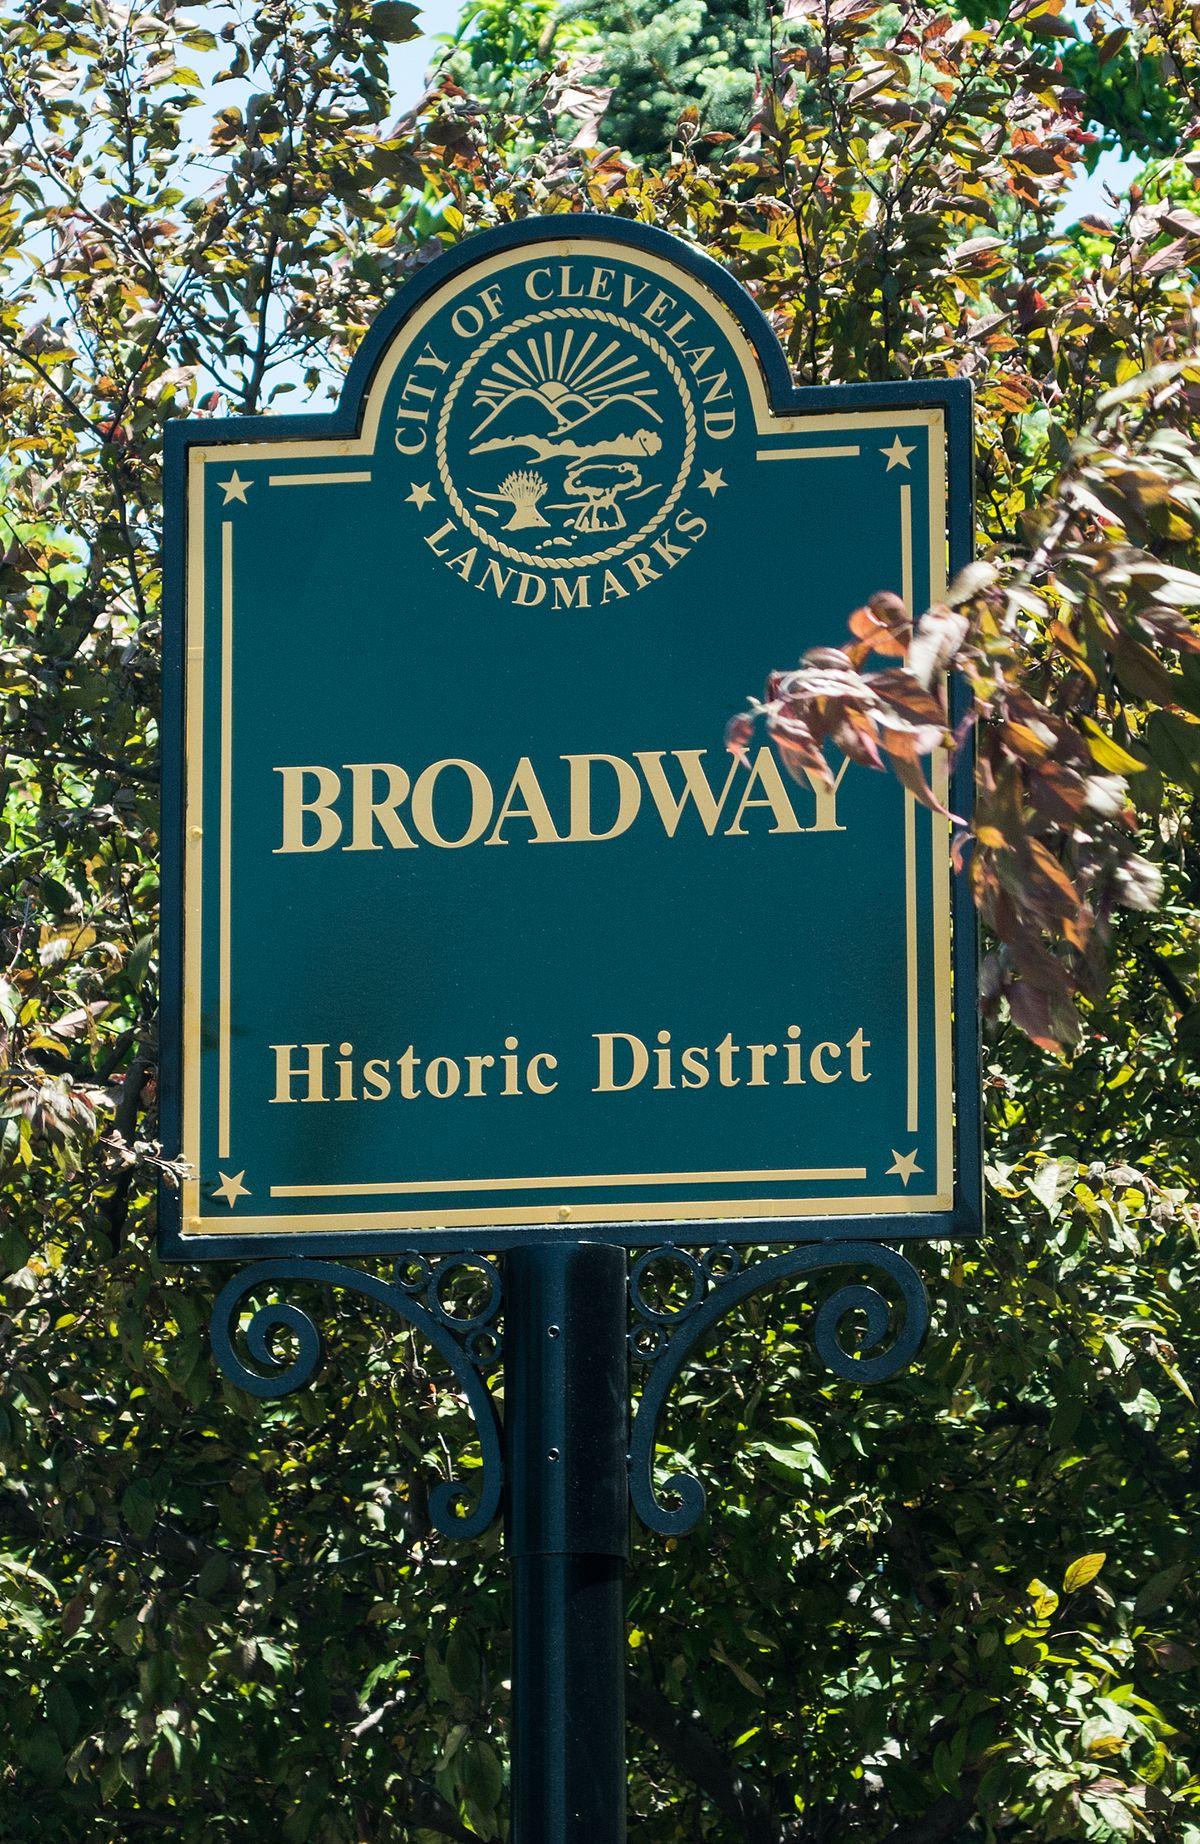 Broadway Avenue Historic District (Cleveland, Ohio) - Wikipedia